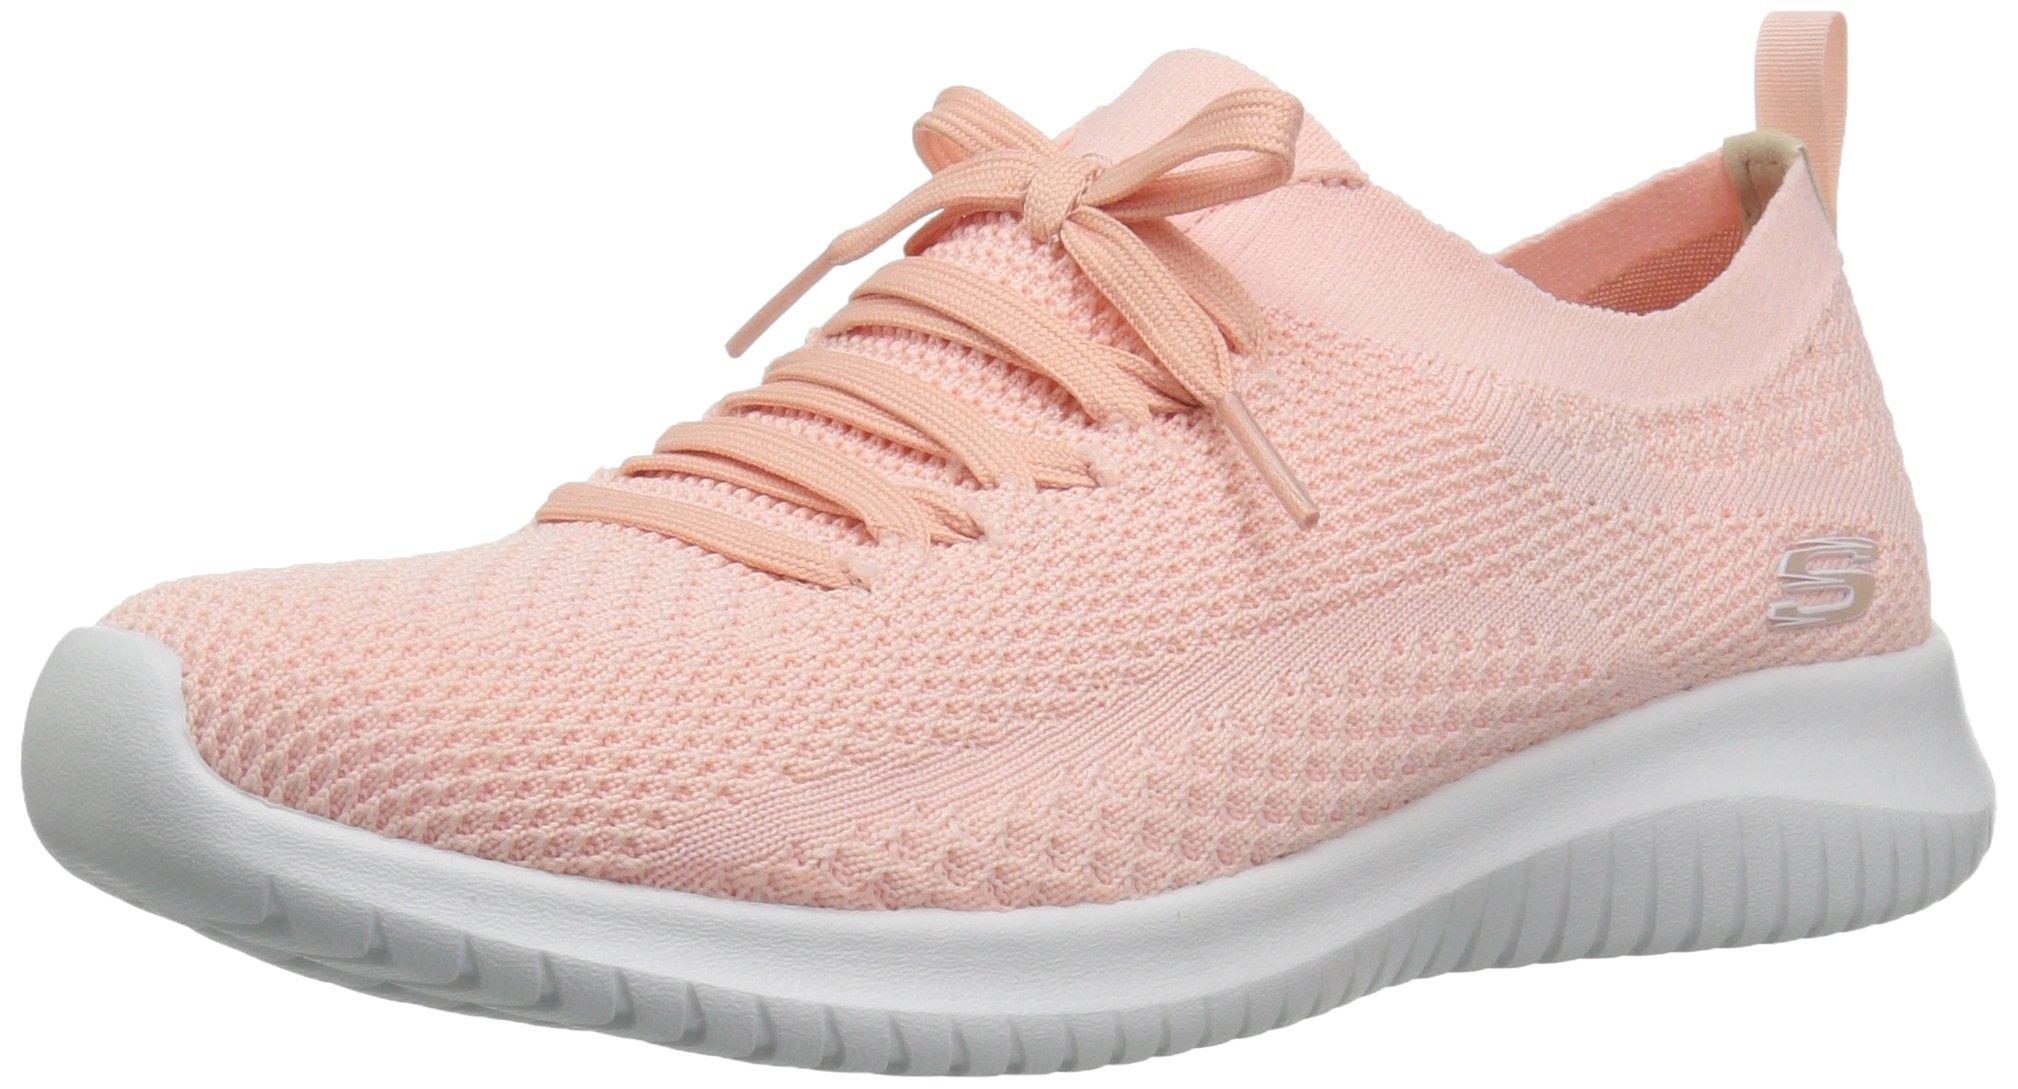 Skechers Sport Women's Ultra Flex Statements Sneaker,Light Pink,10 M US